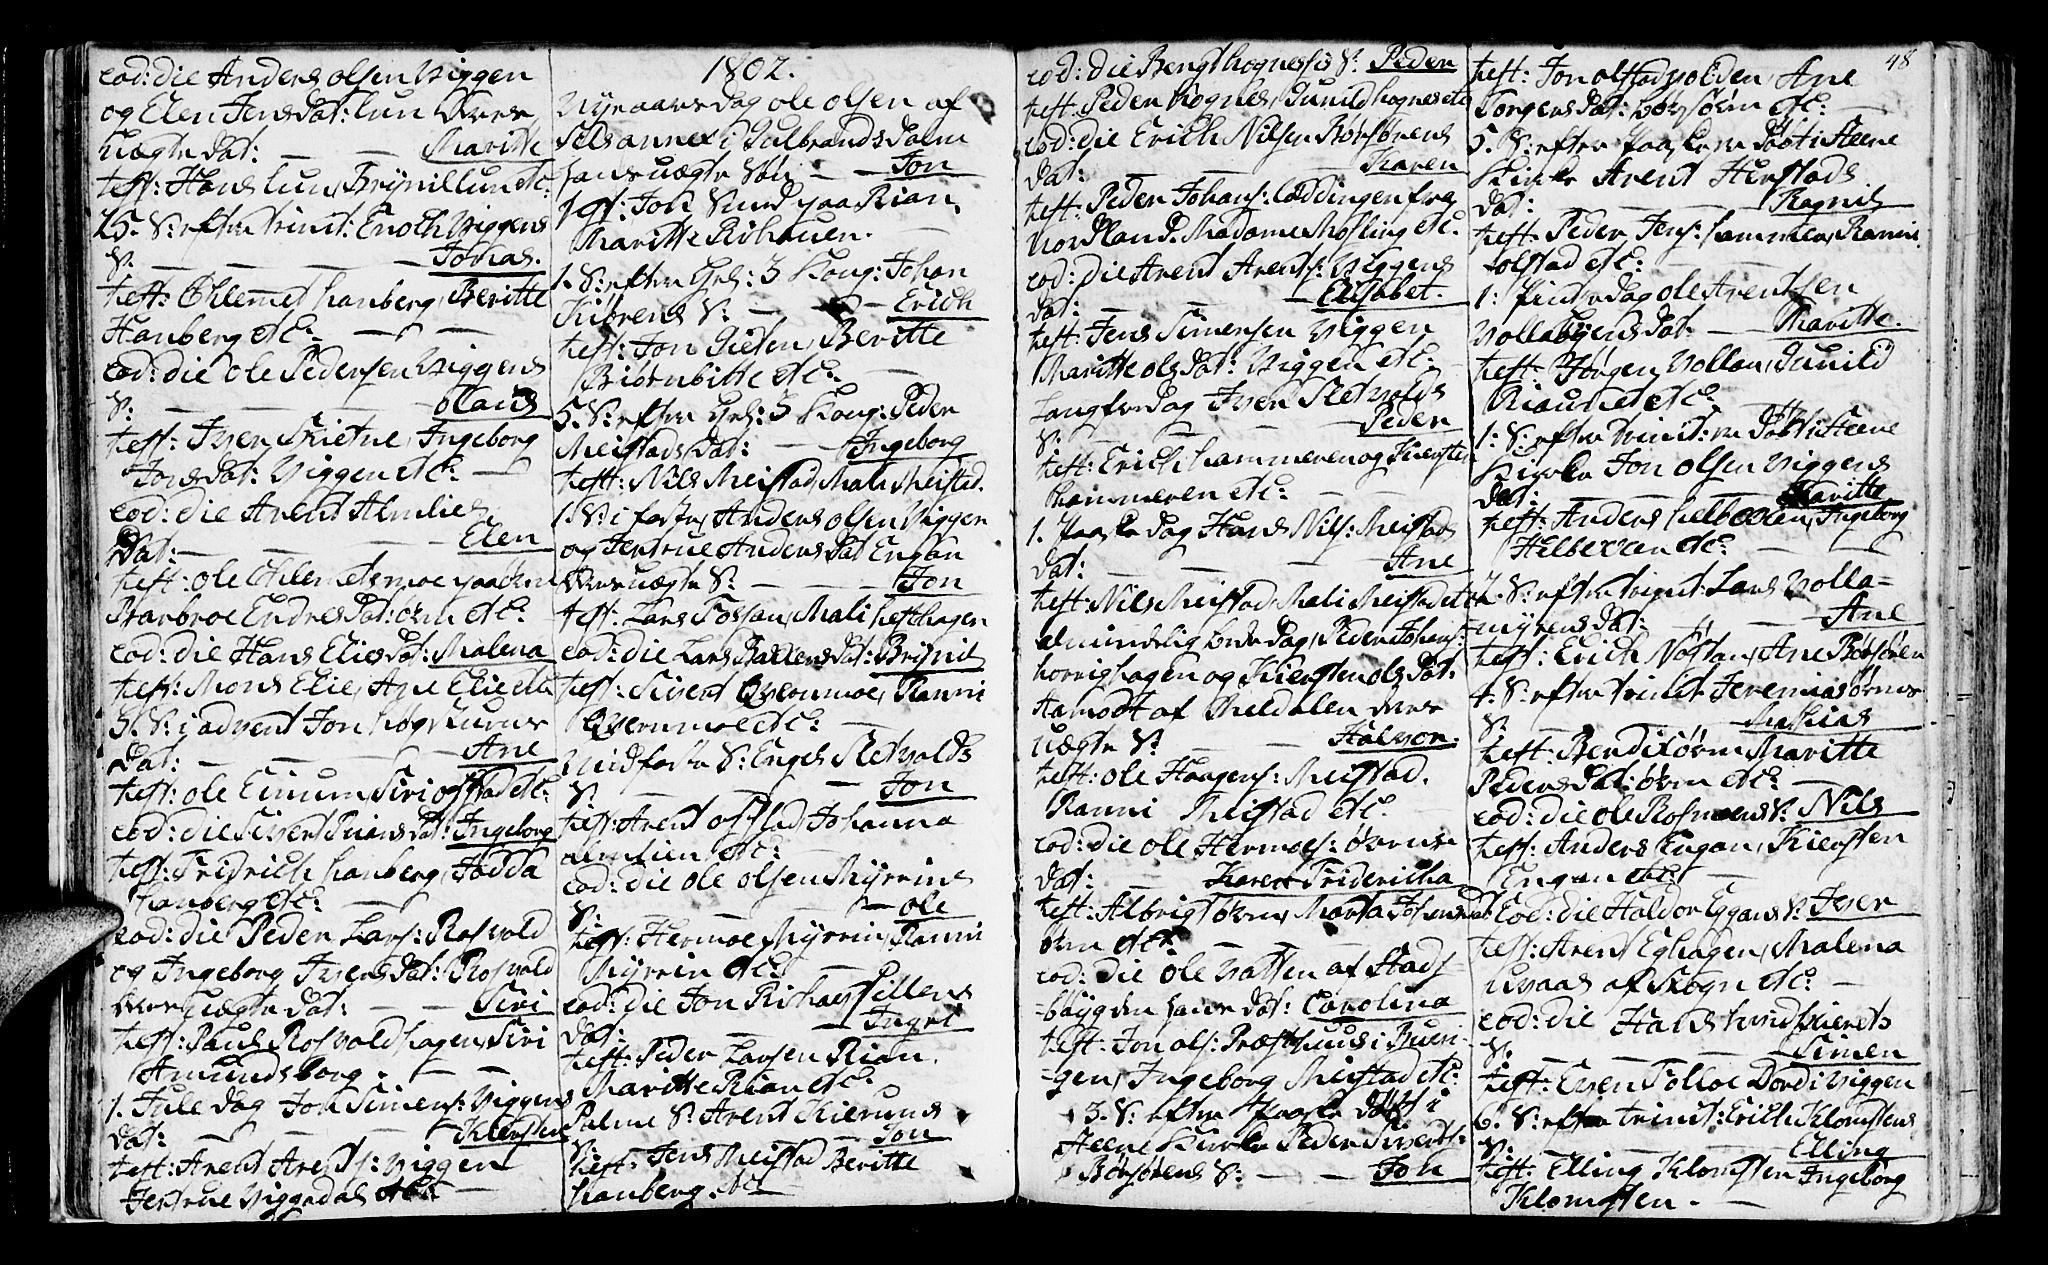 SAT, Ministerialprotokoller, klokkerbøker og fødselsregistre - Sør-Trøndelag, 665/L0768: Ministerialbok nr. 665A03, 1754-1803, s. 48